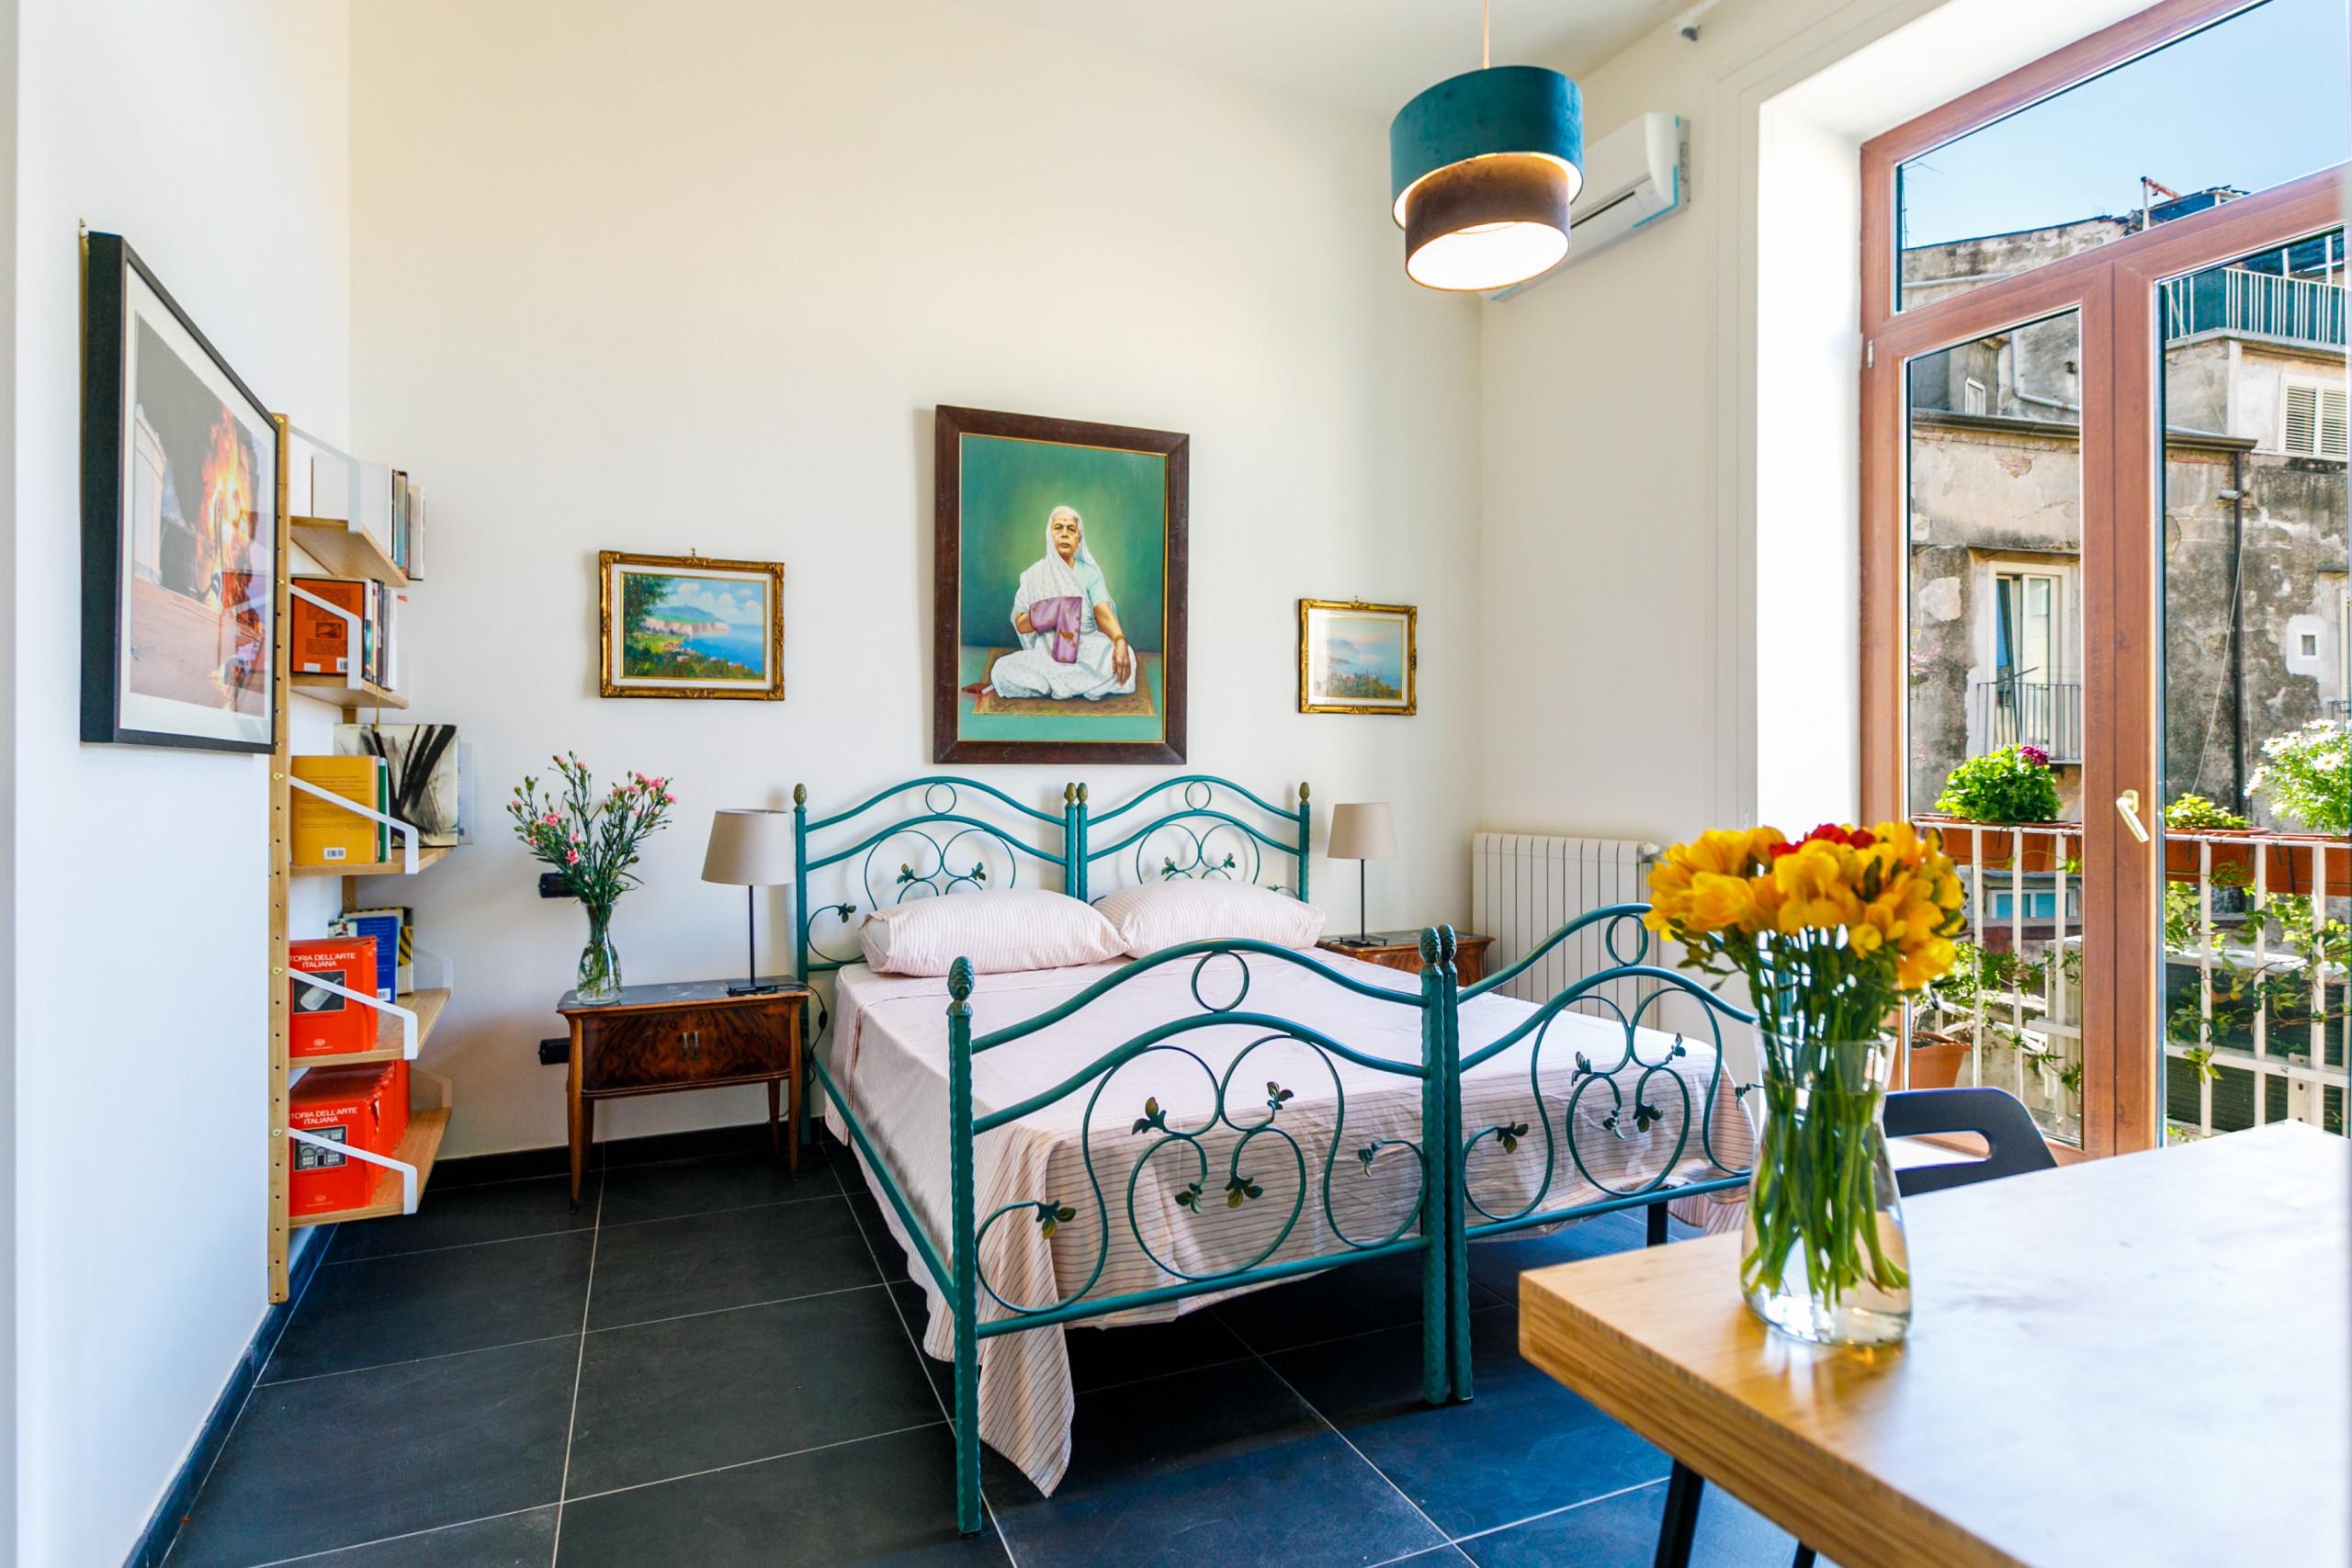 Napoli - Alquiler por habitaciones